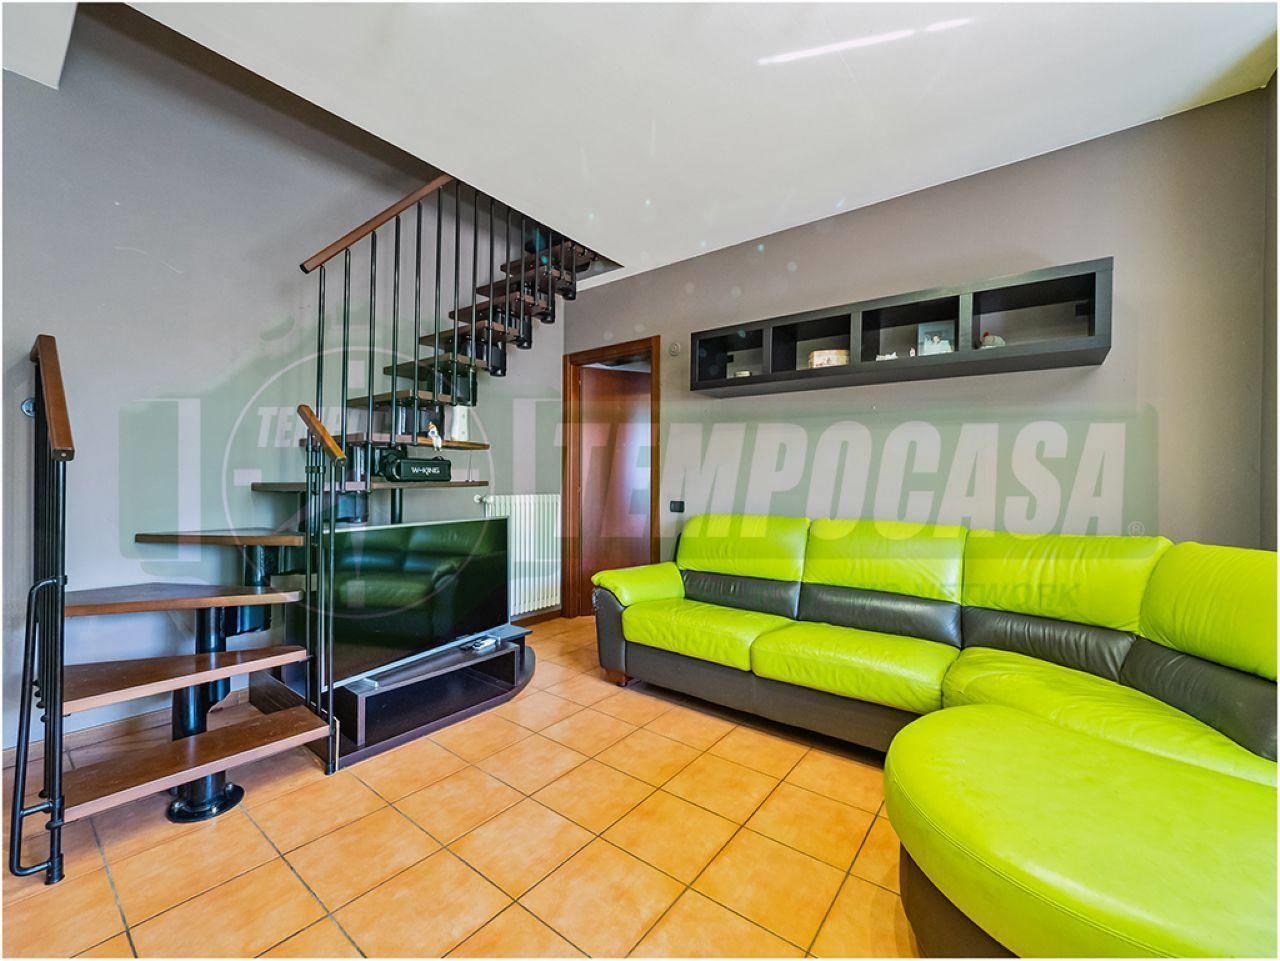 Foto 3 - Appartamento in Vendita - Cesano Maderno (Monza e Brianza)